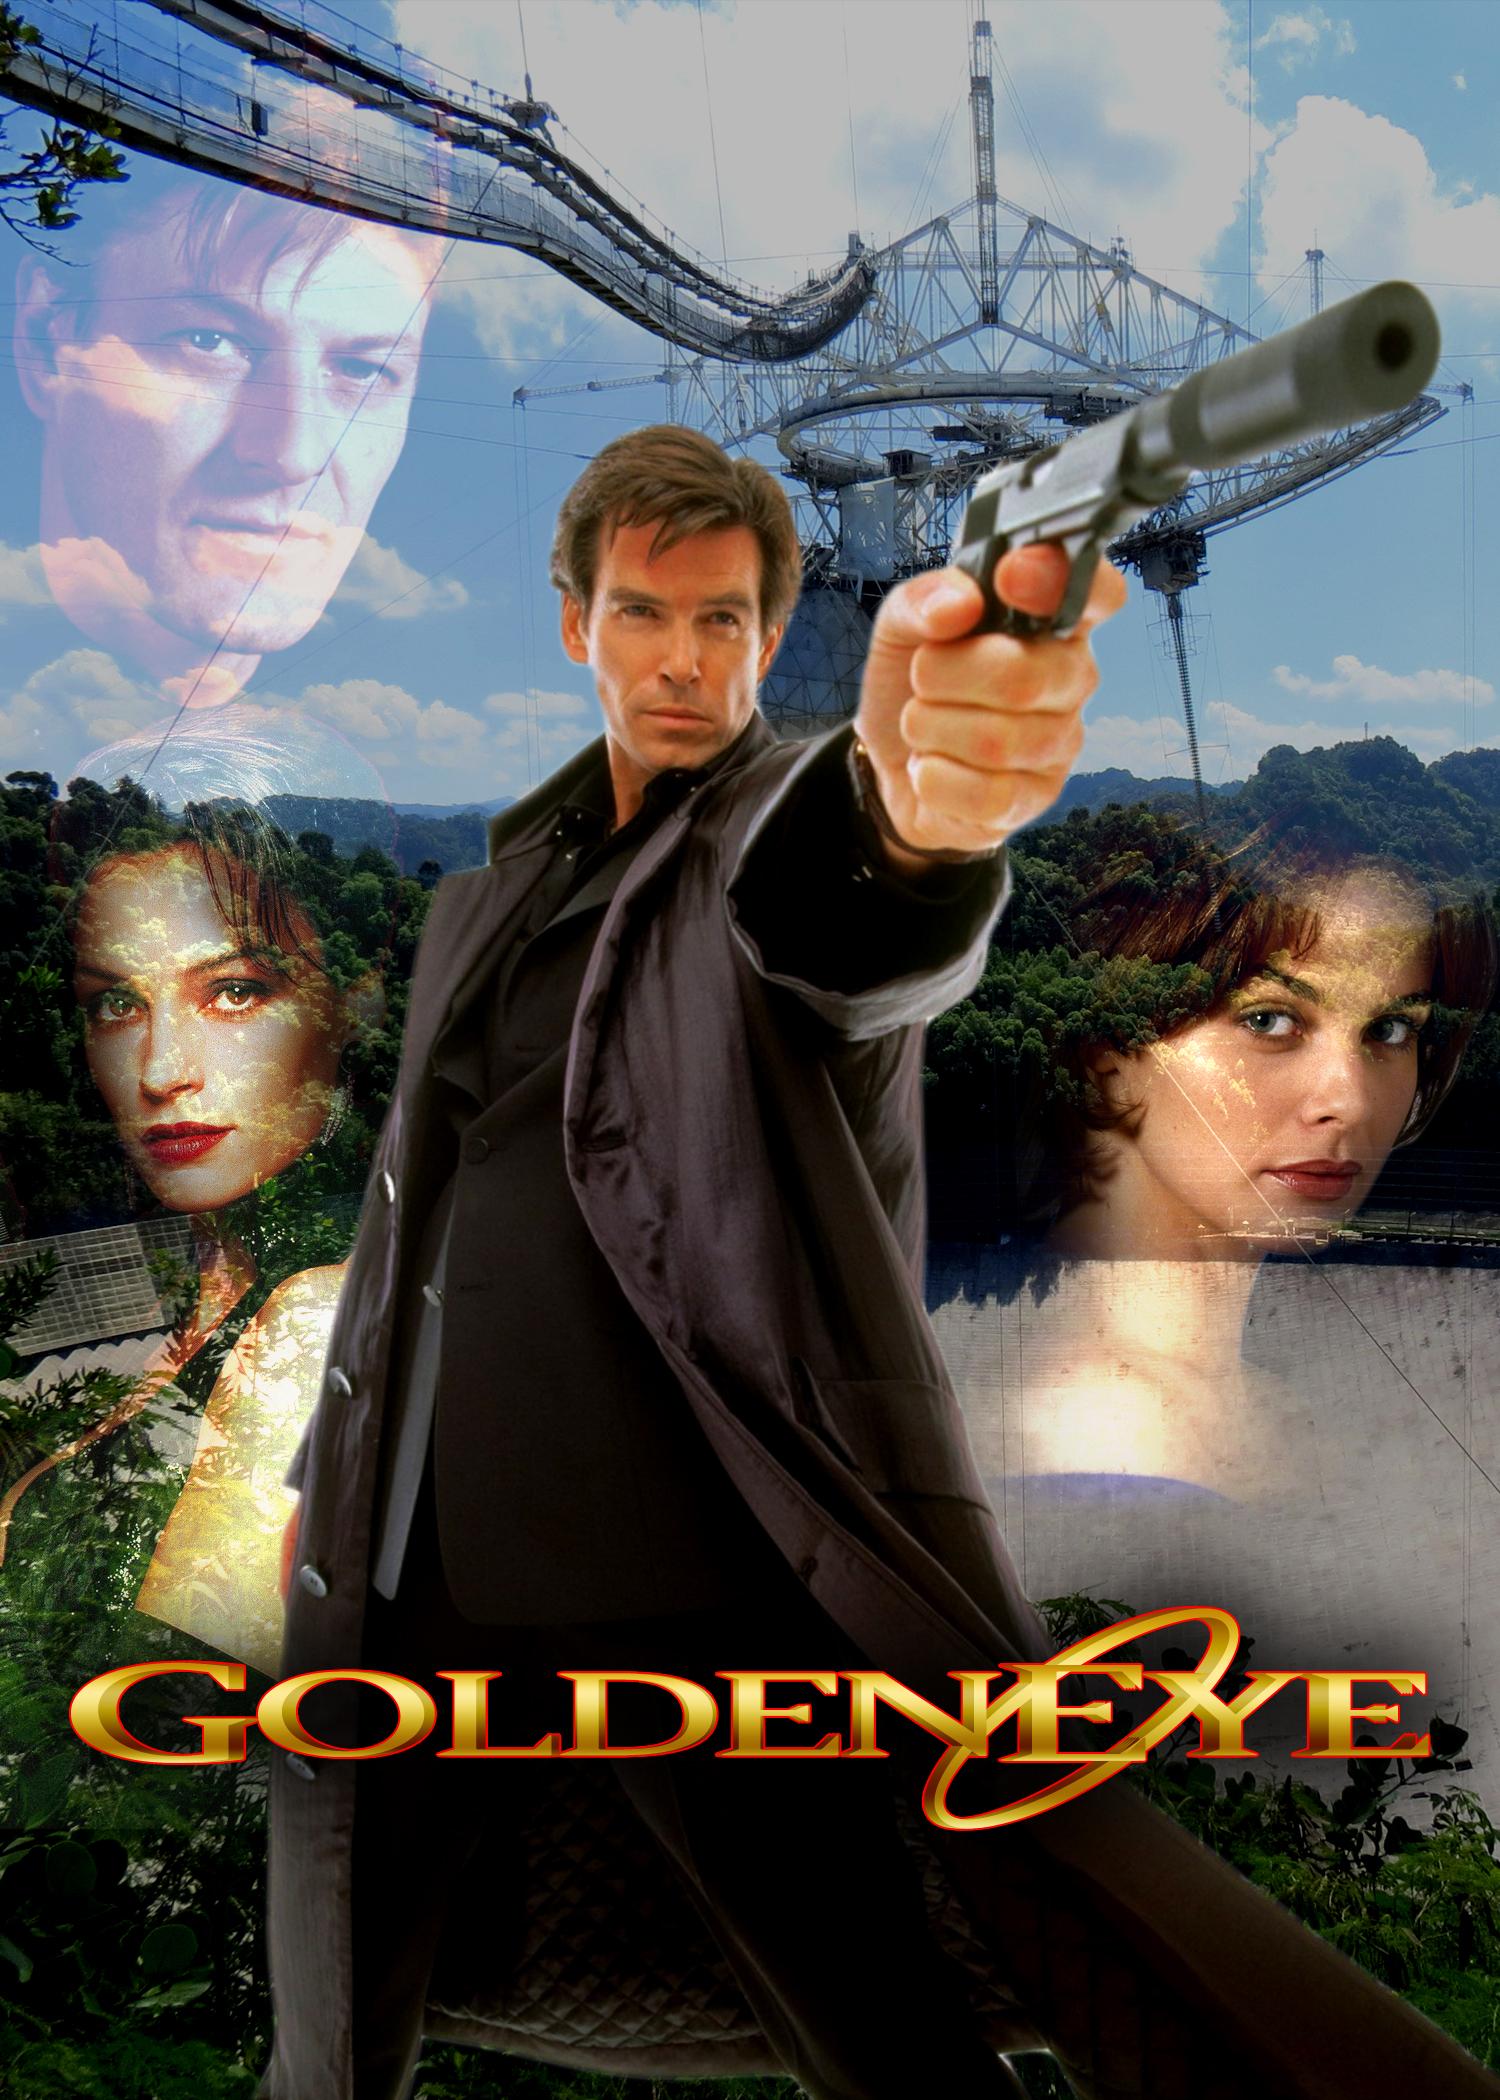 goldeneye_poster_by_comandercool22-d68fgvf.jpg